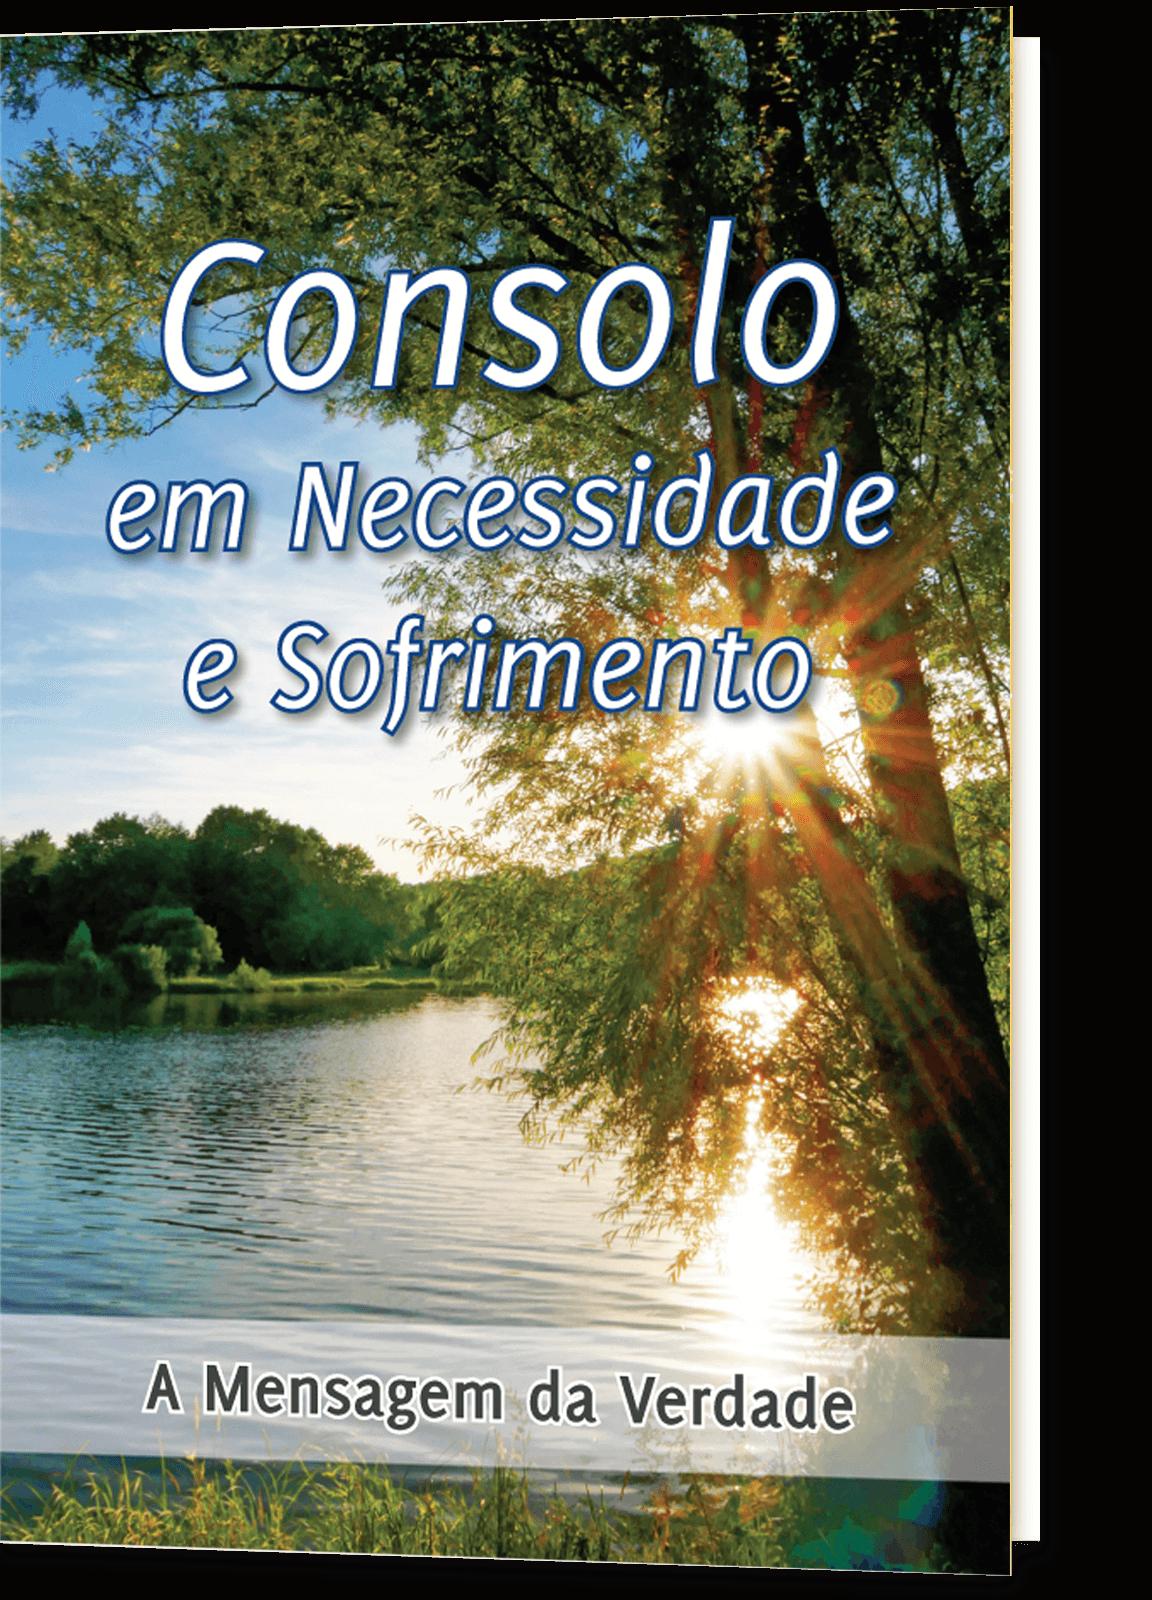 Consolo em Necessidade e Sofrimento